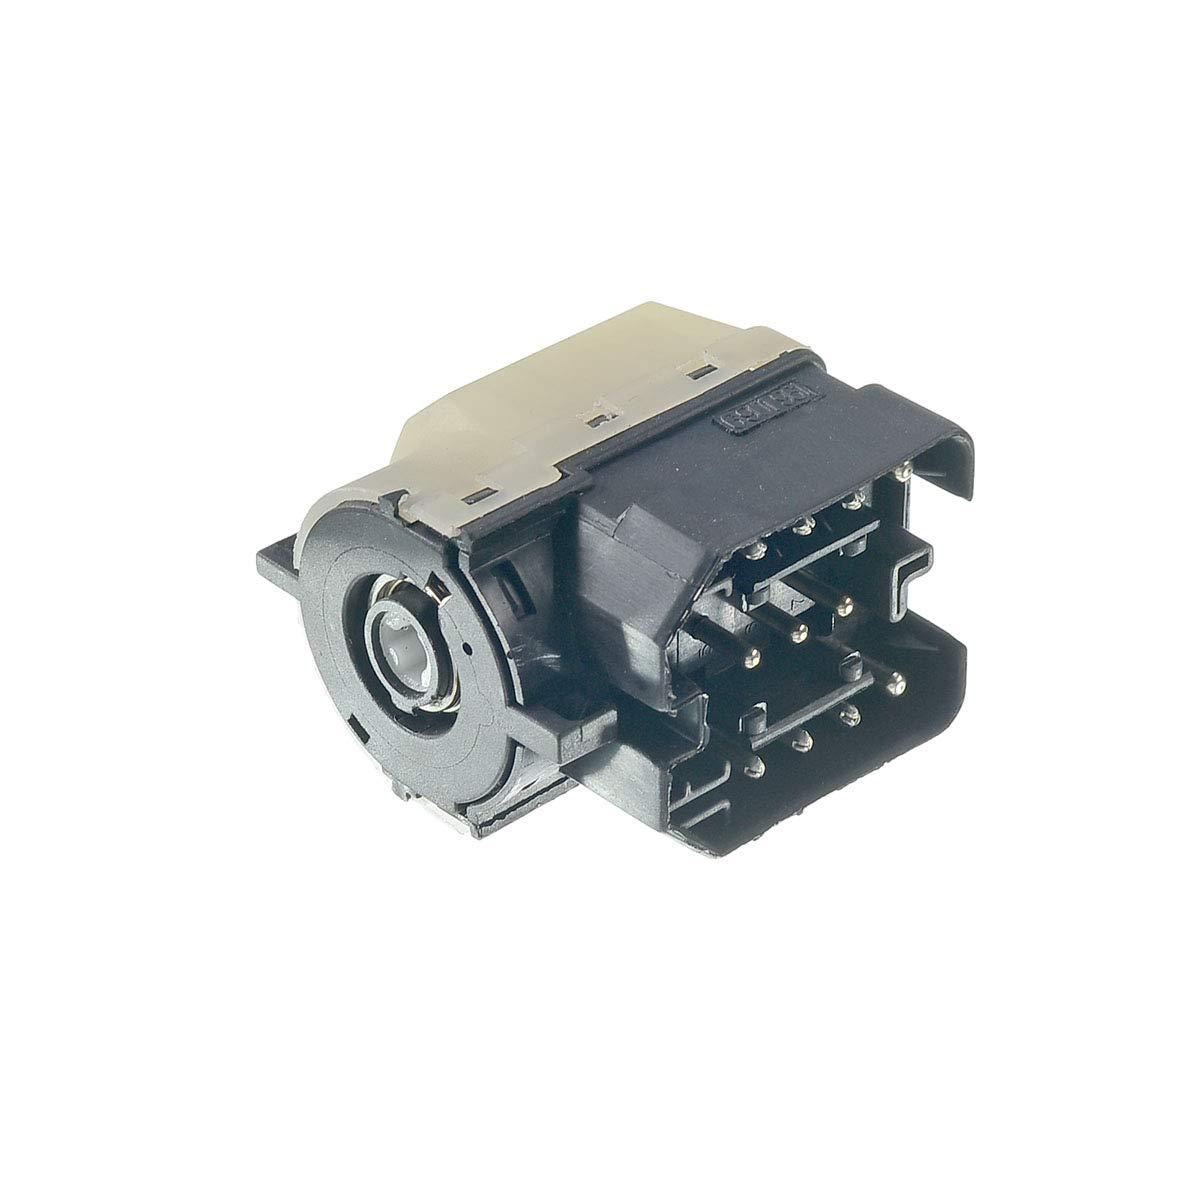 A-Premium Max 54% OFF Ignition Starter Switch Replacement for E38 Baltimore Mall BMW E5 E39